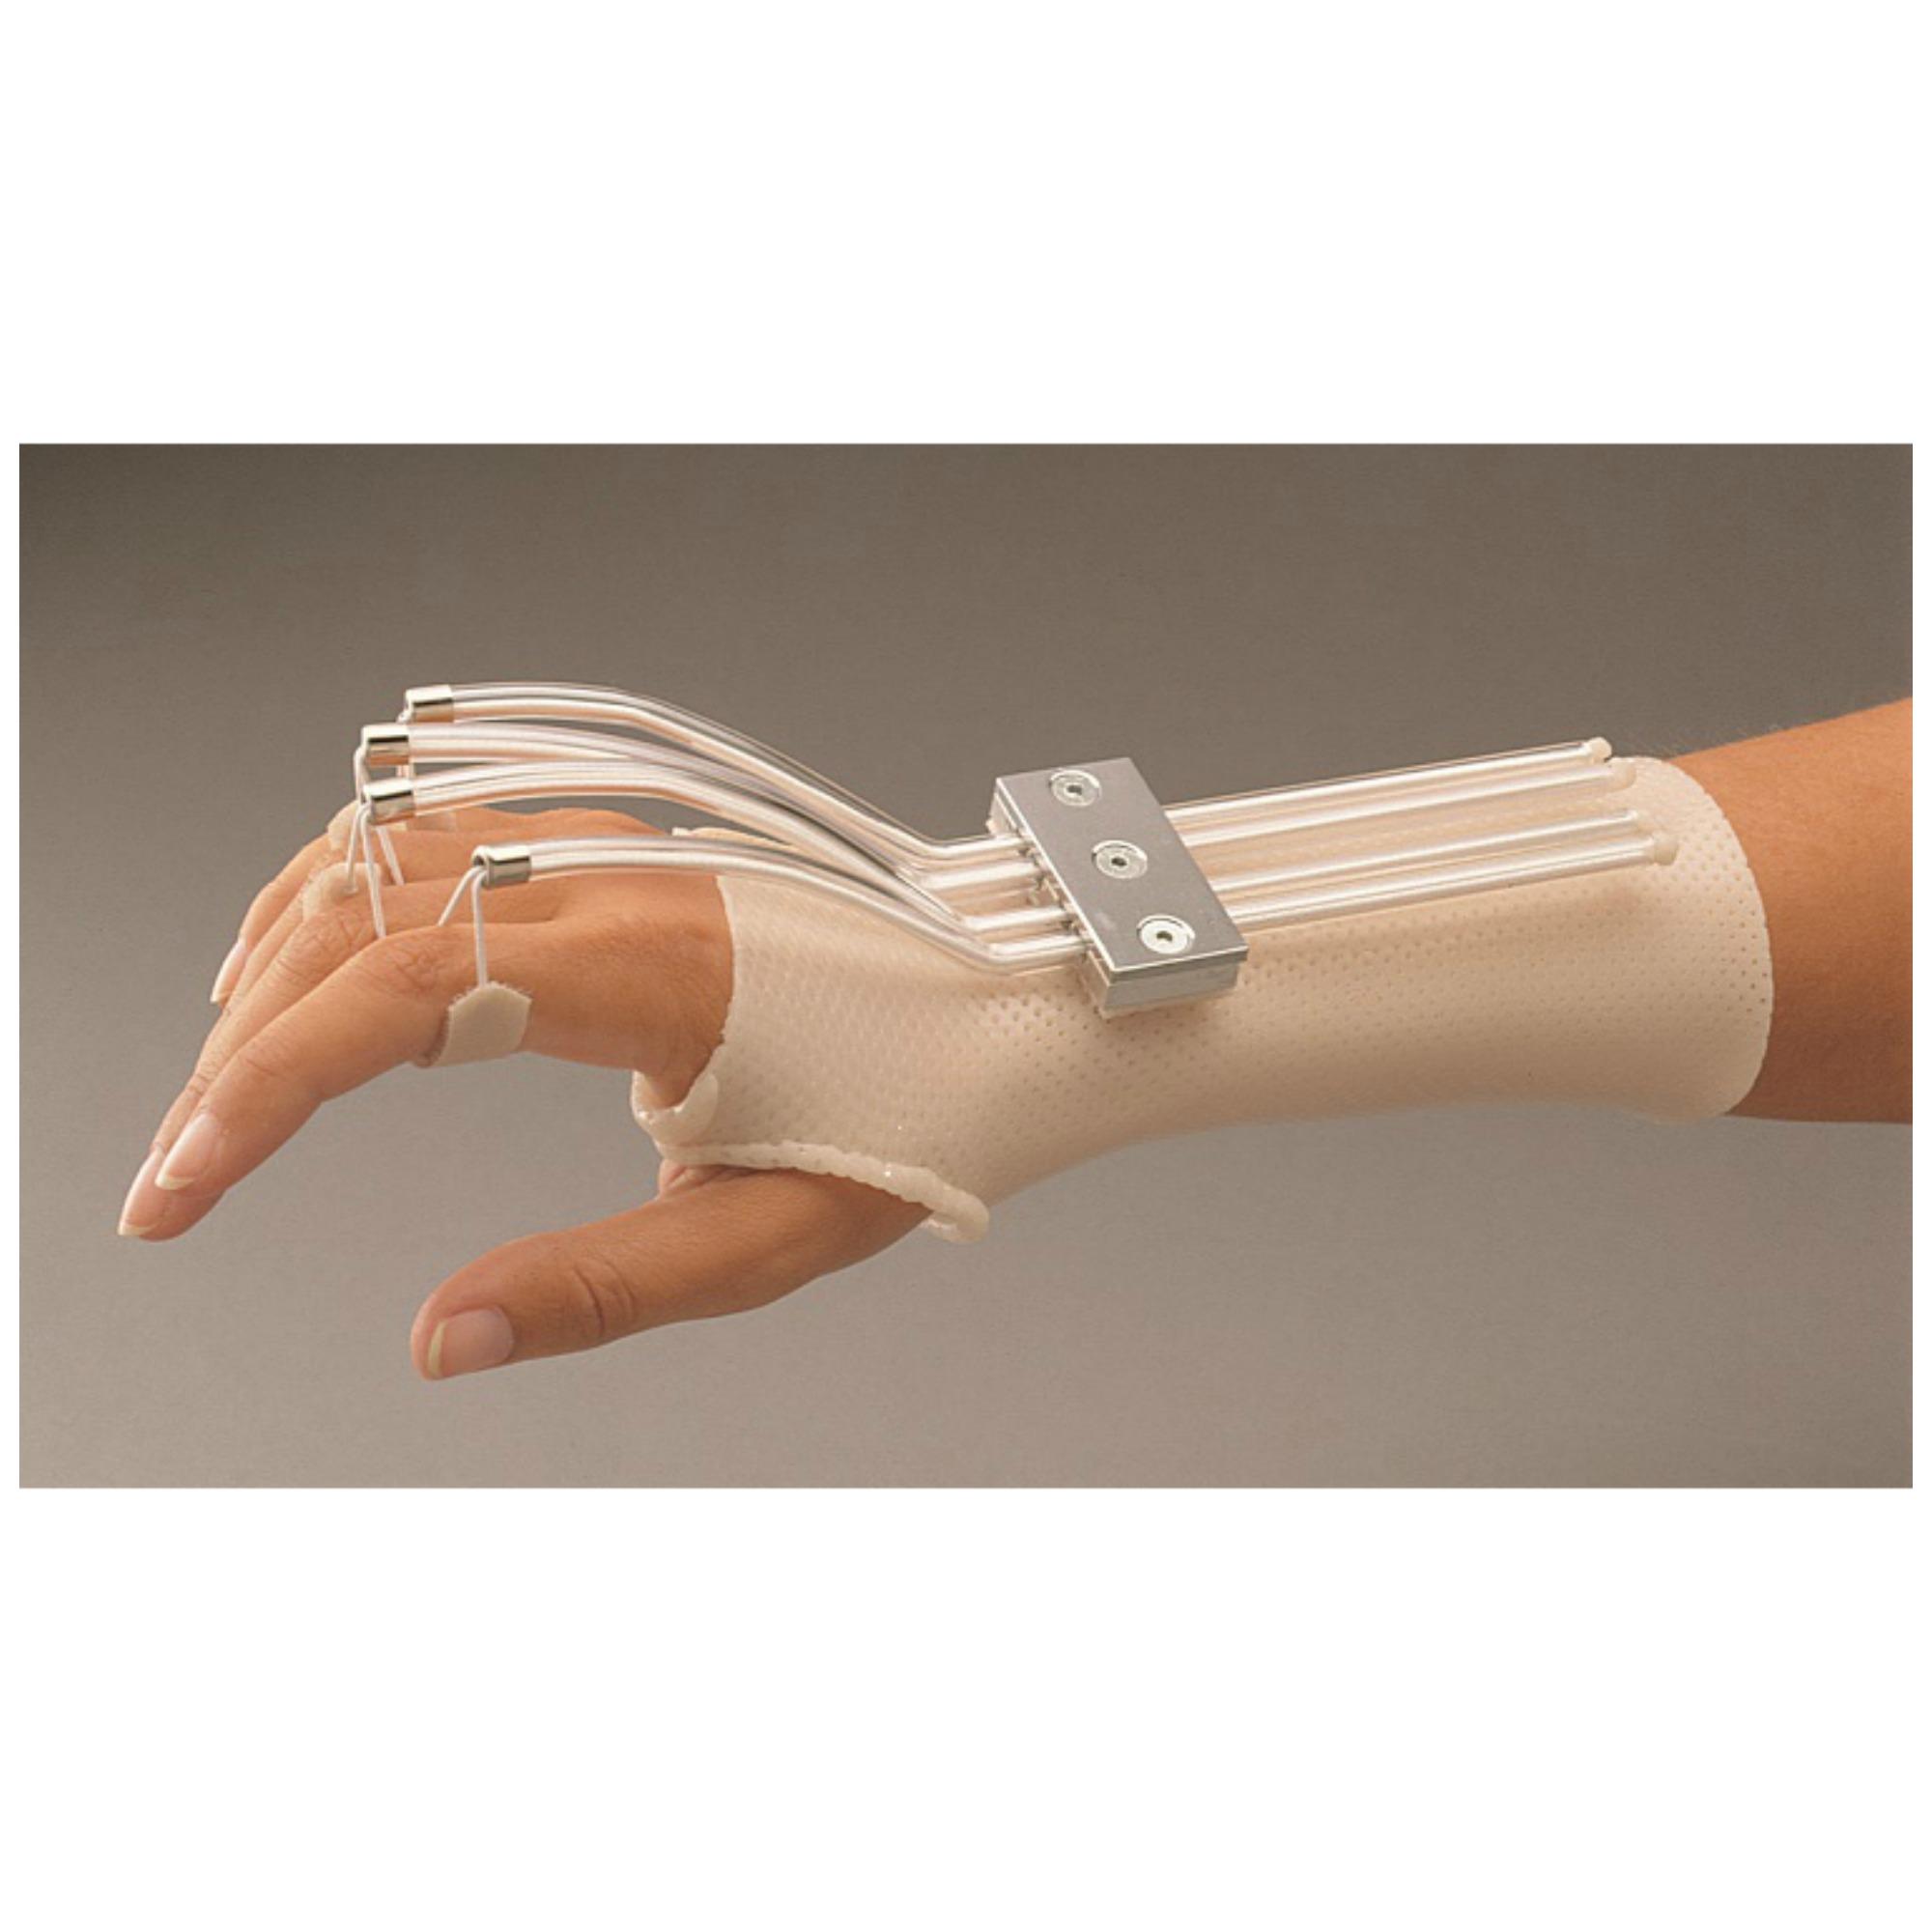 artritisz artrózis kezelésére szolgáló eszközök